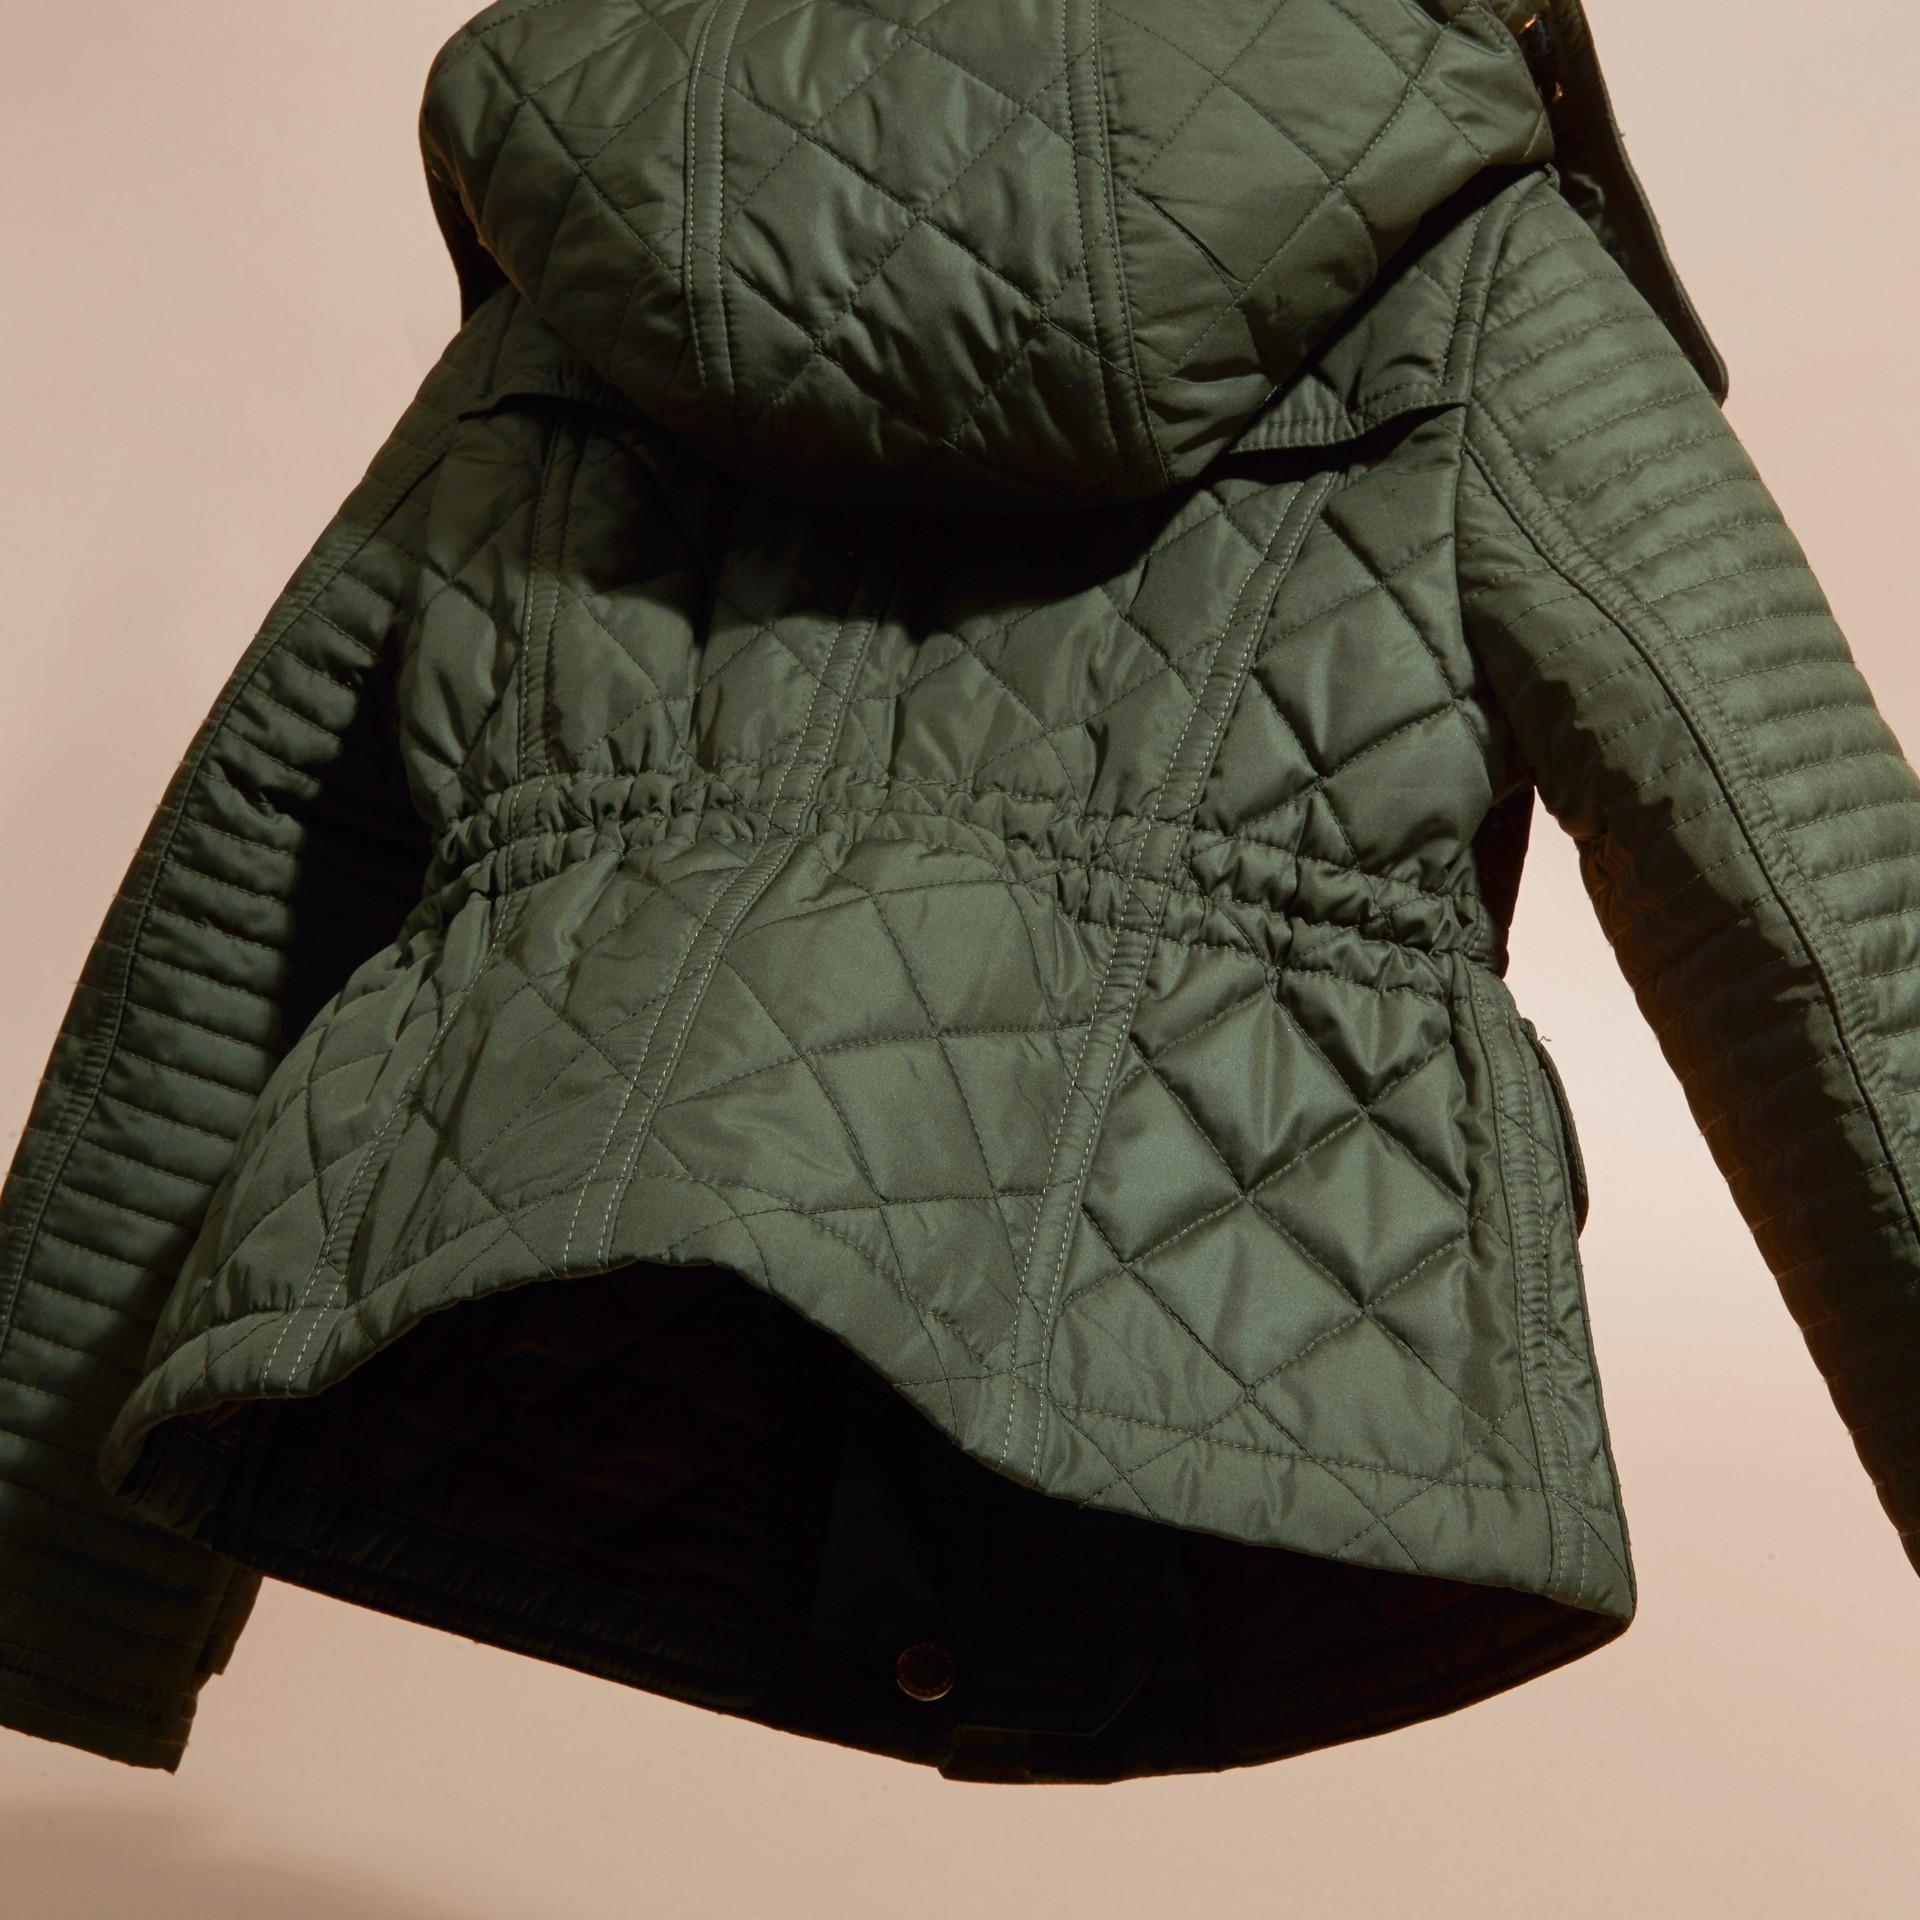 Oliva Giacca trapuntata con cappuccio amovibile - immagine della galleria 4